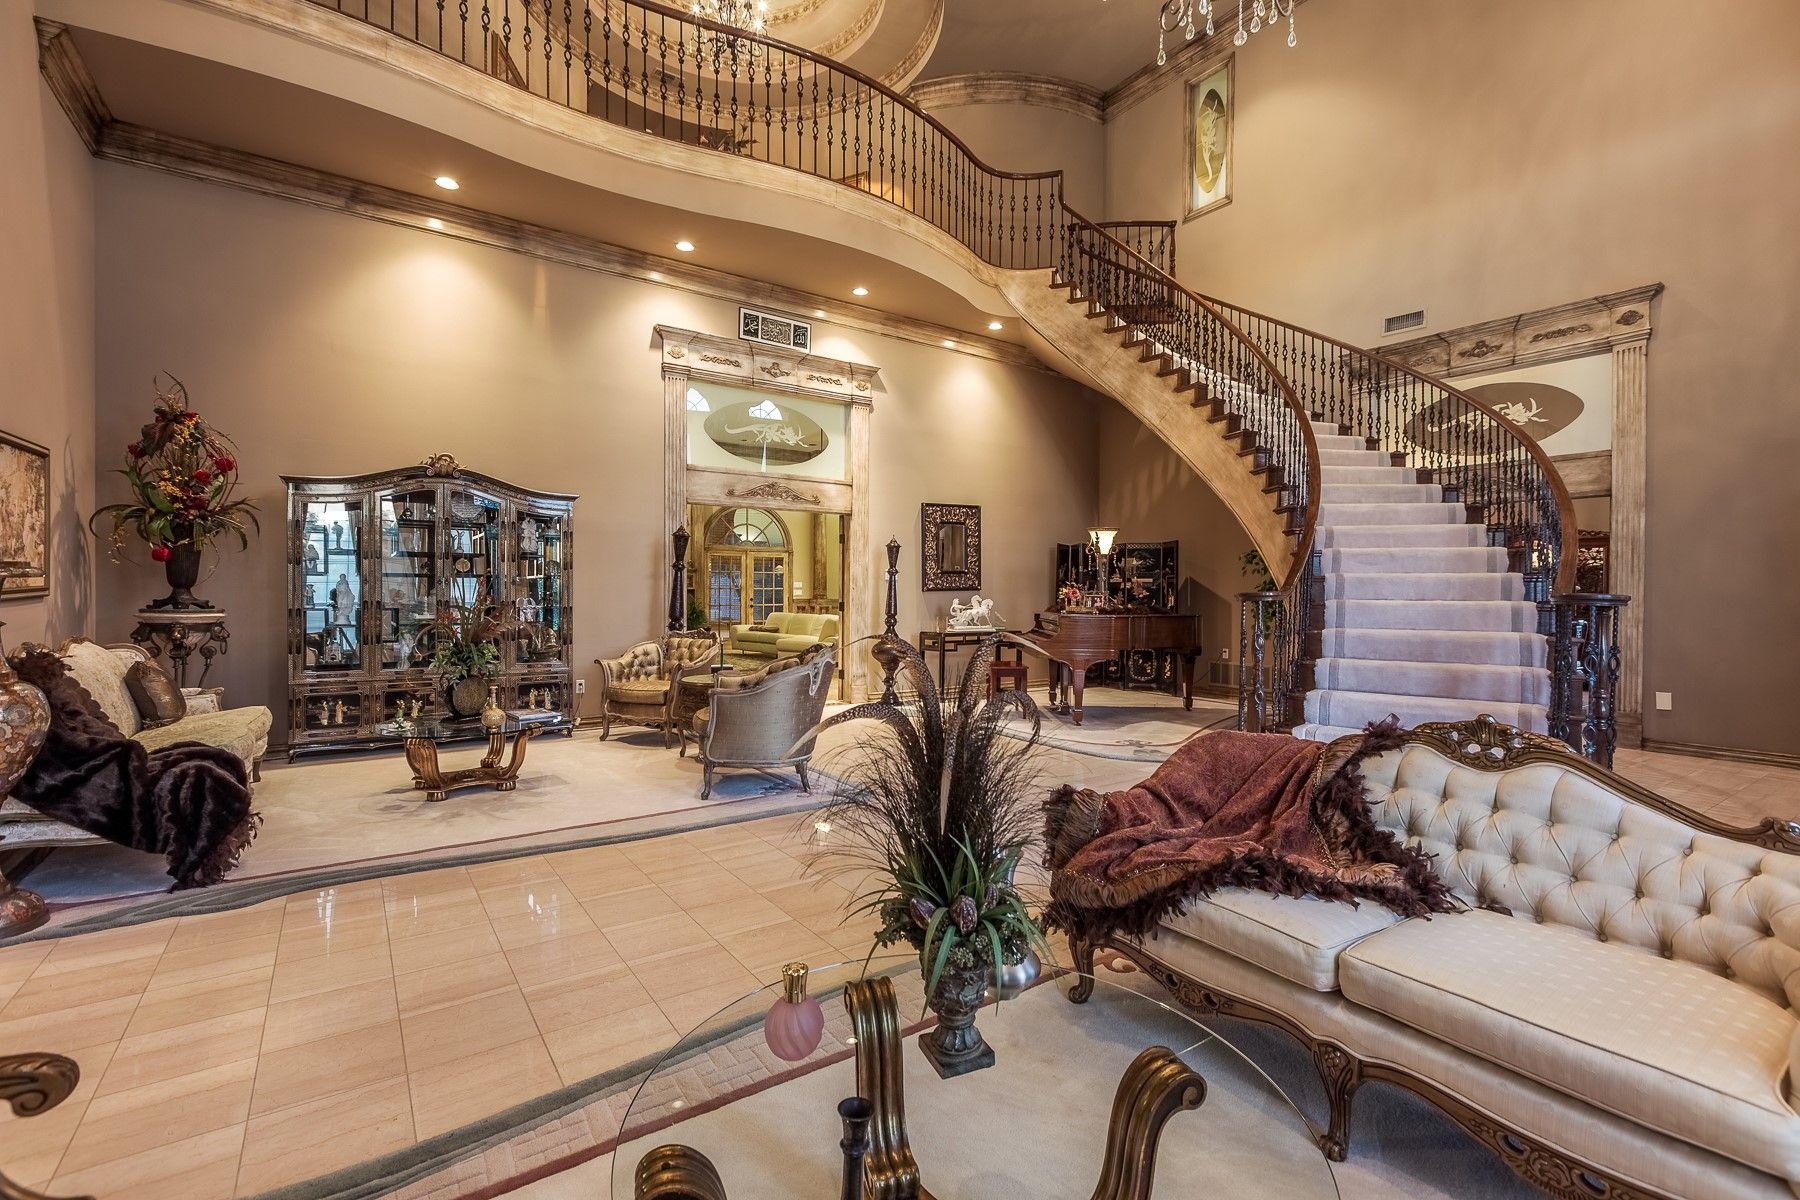 10 Home Place Court, Dalworthington Gardens, TX - USA (photo 3)